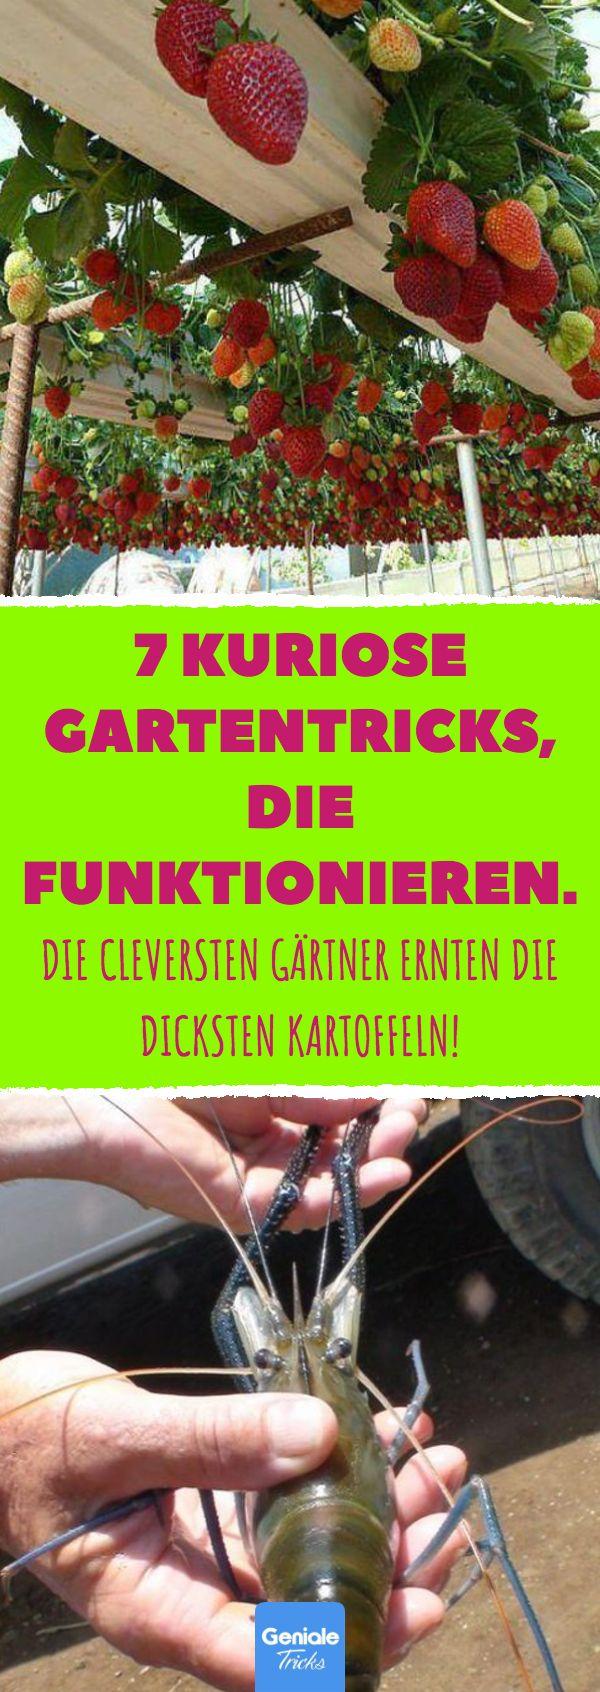 7 kuriose Gartentricks, die funktionieren. 7 ungewöhnliche Anbaumethoden und Garten …   – Garten, Balkon, Terrasse & Fensterbank